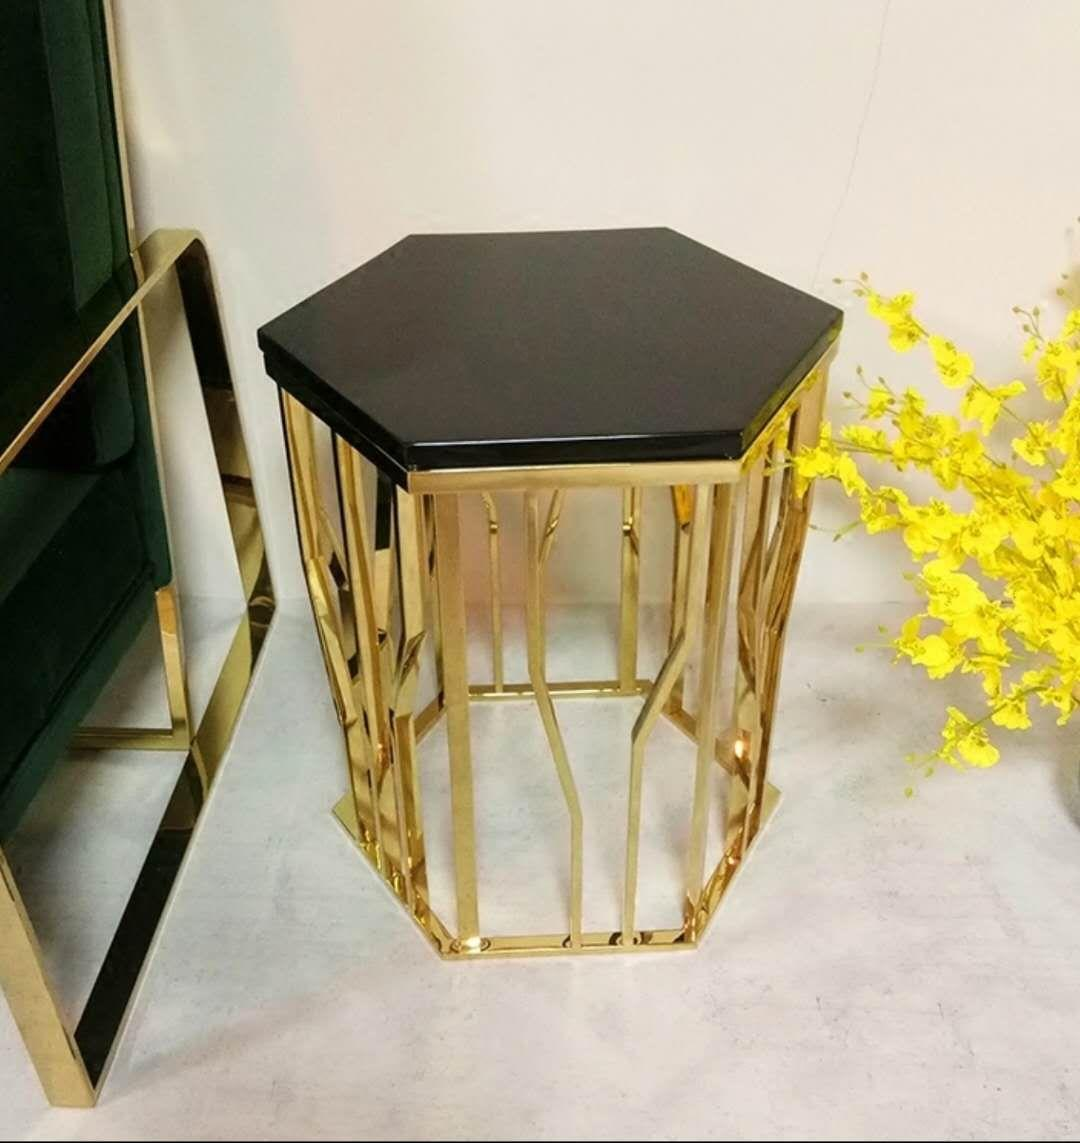 廠家供應不鏽鋼傢具定製  現代時尚不鏽鋼凳椅批發 1